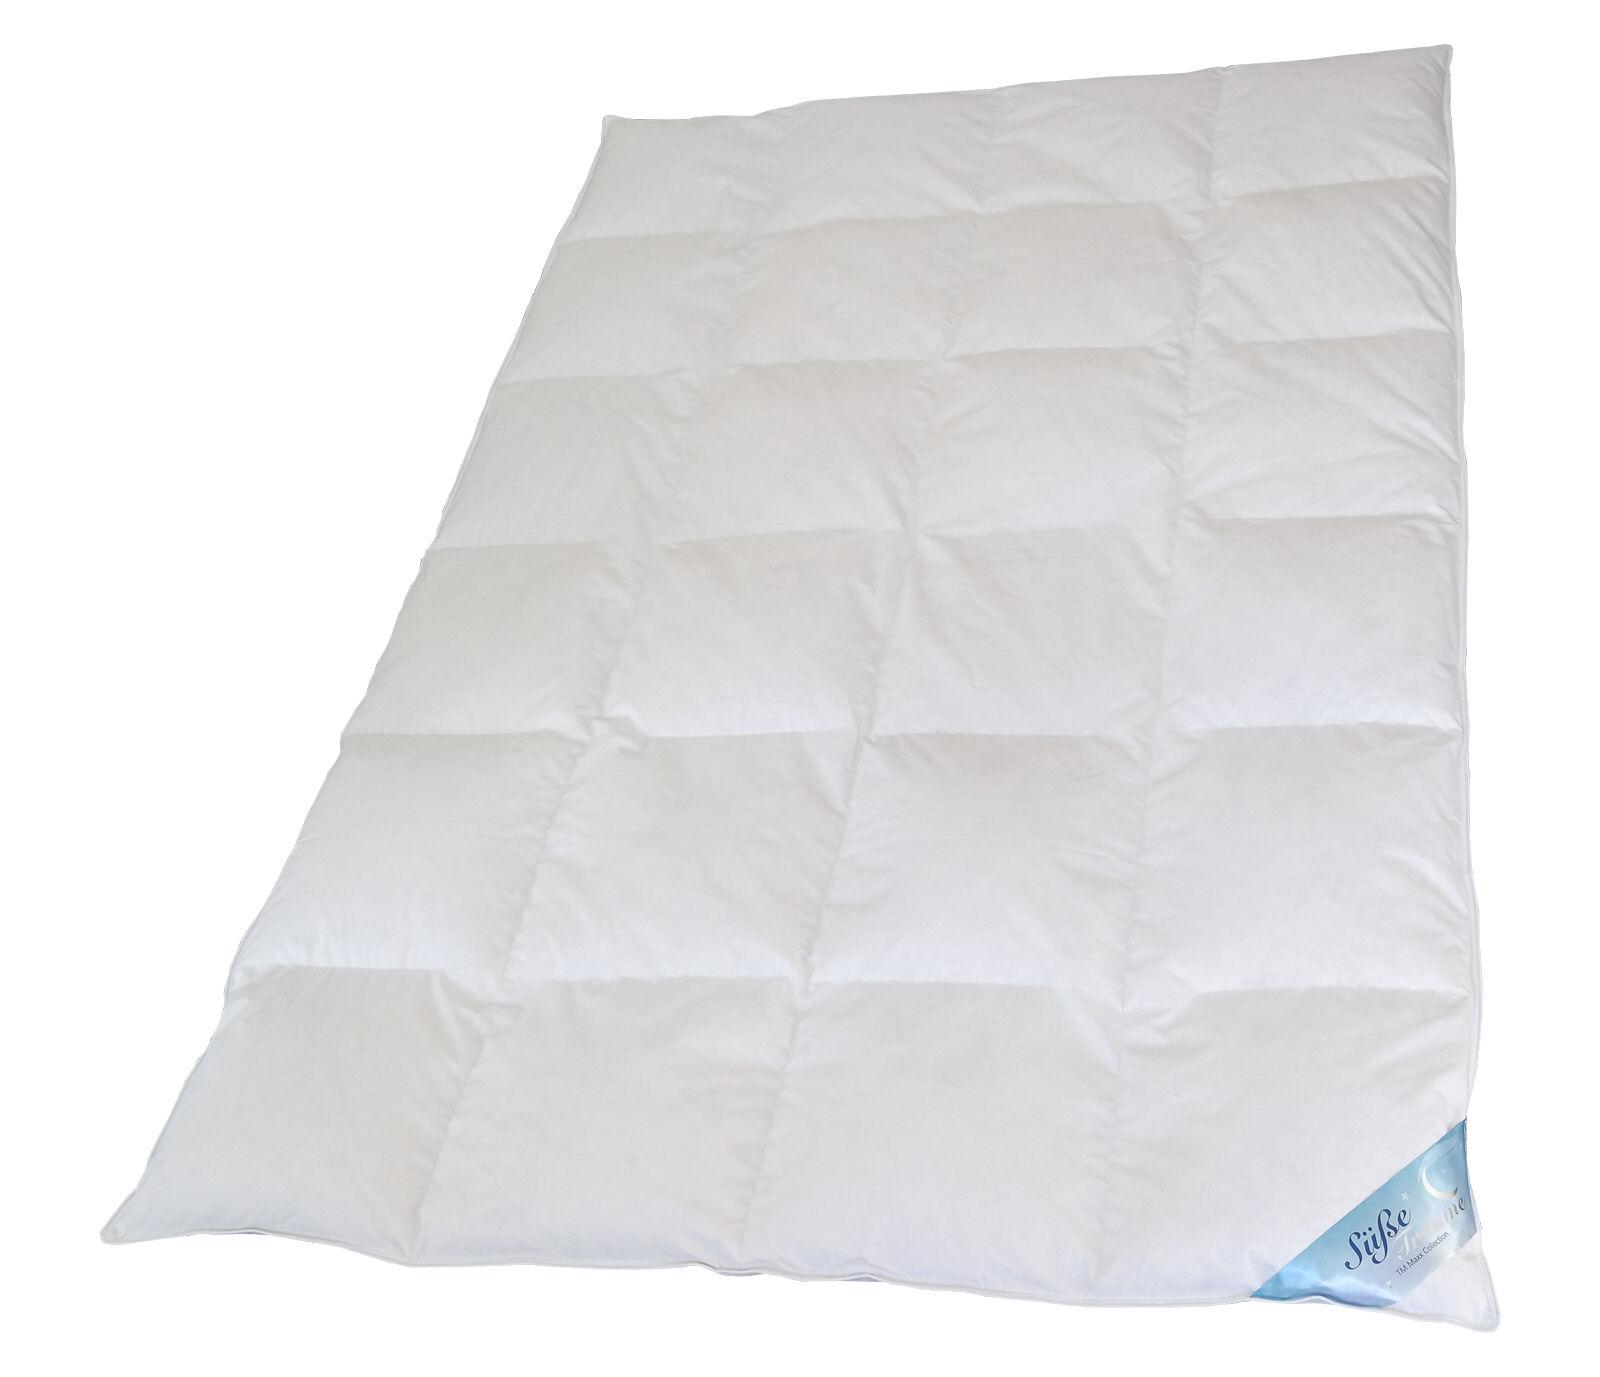 Ecru und Weiss 100/% Daunen Natürliche Decke 155x220 1500g Bettdecke Oberbett